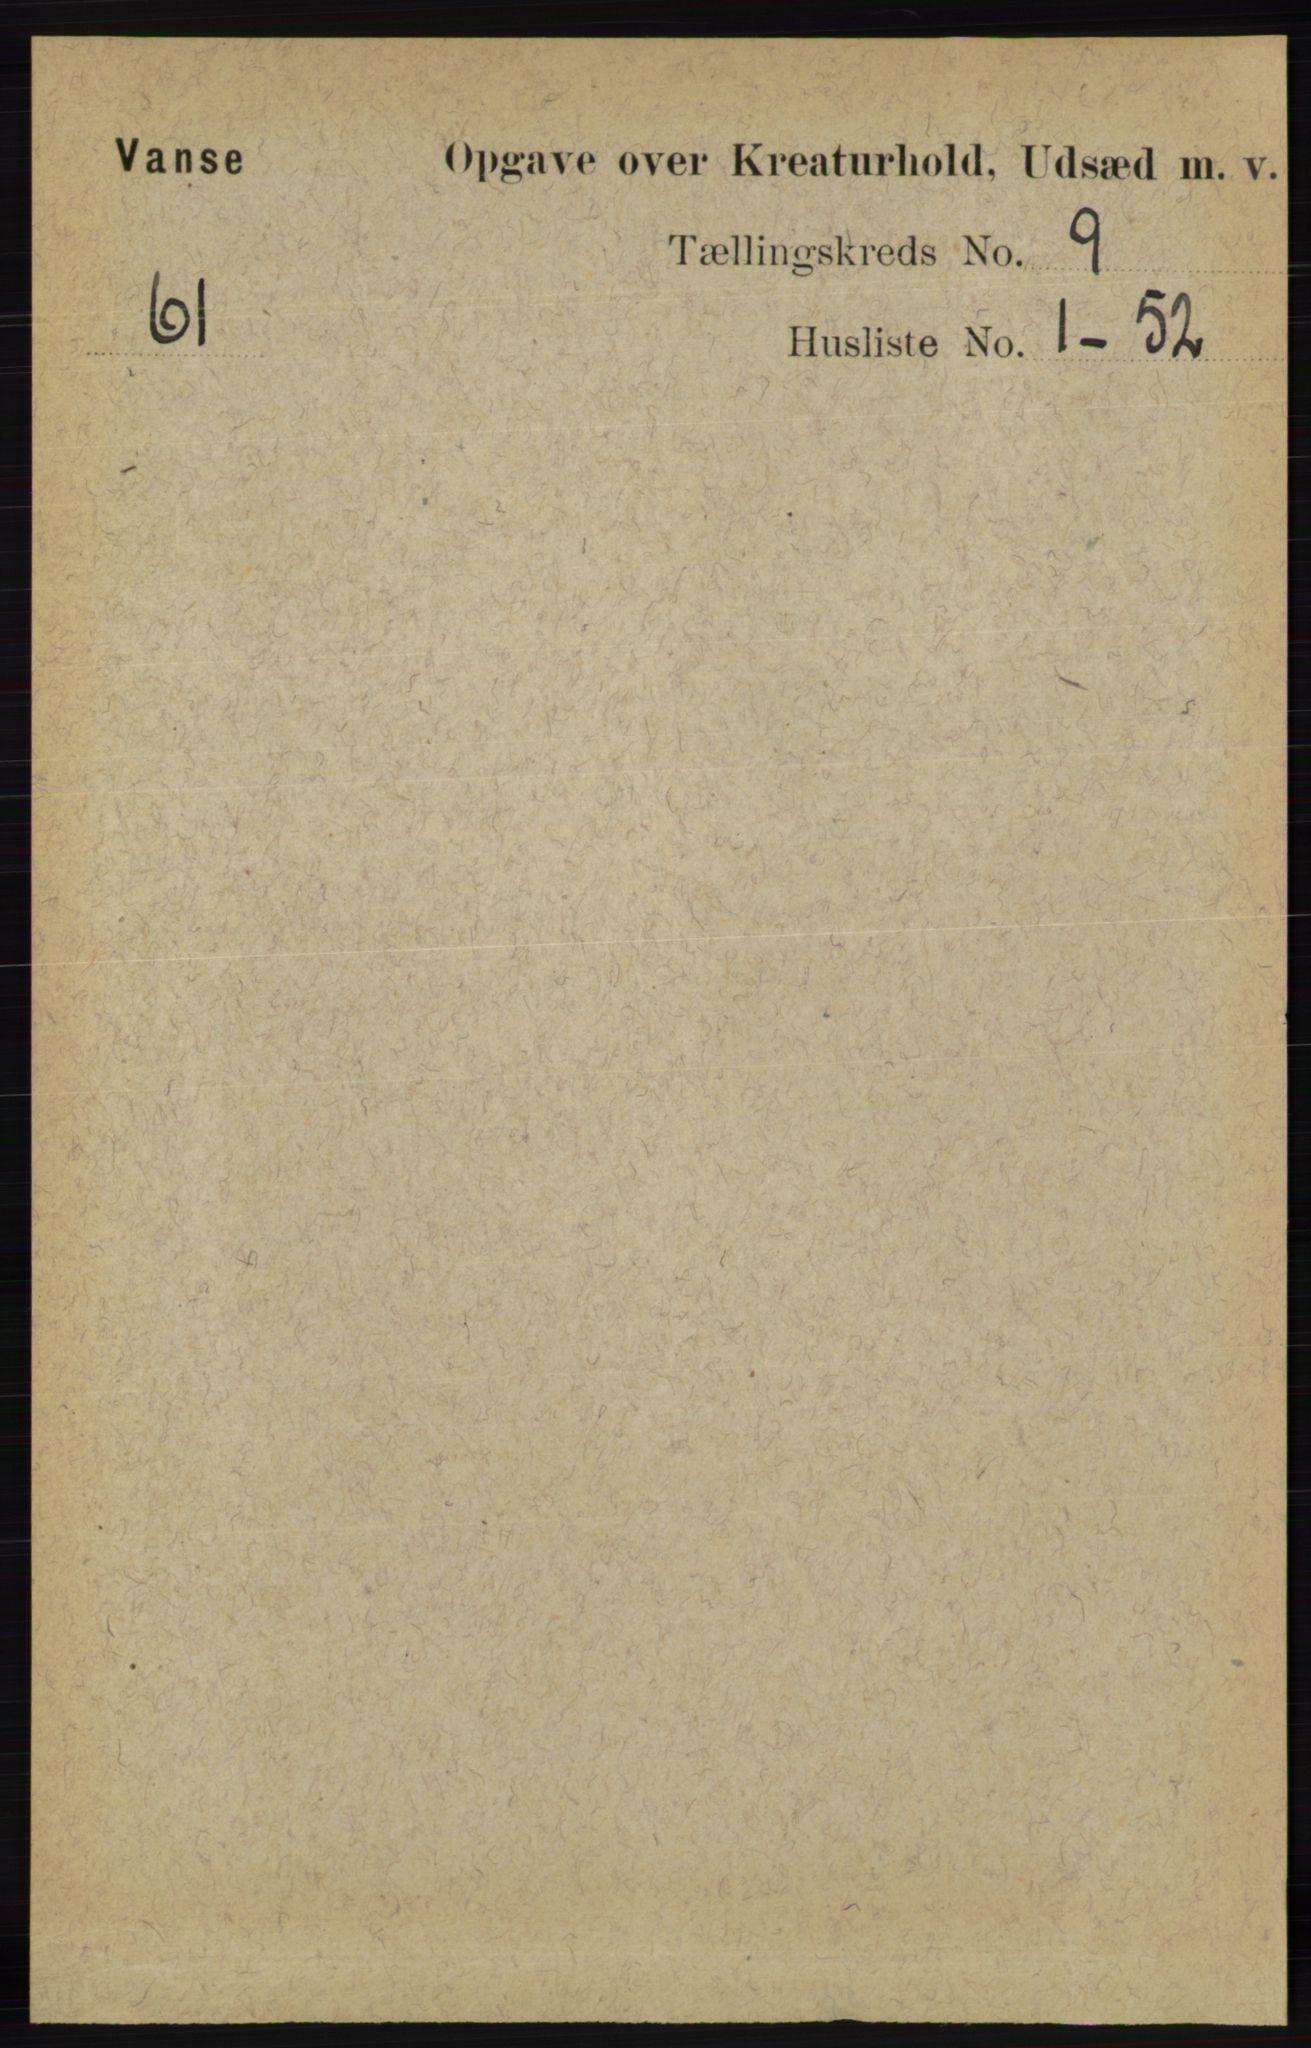 RA, Folketelling 1891 for 1041 Vanse herred, 1891, s. 9587